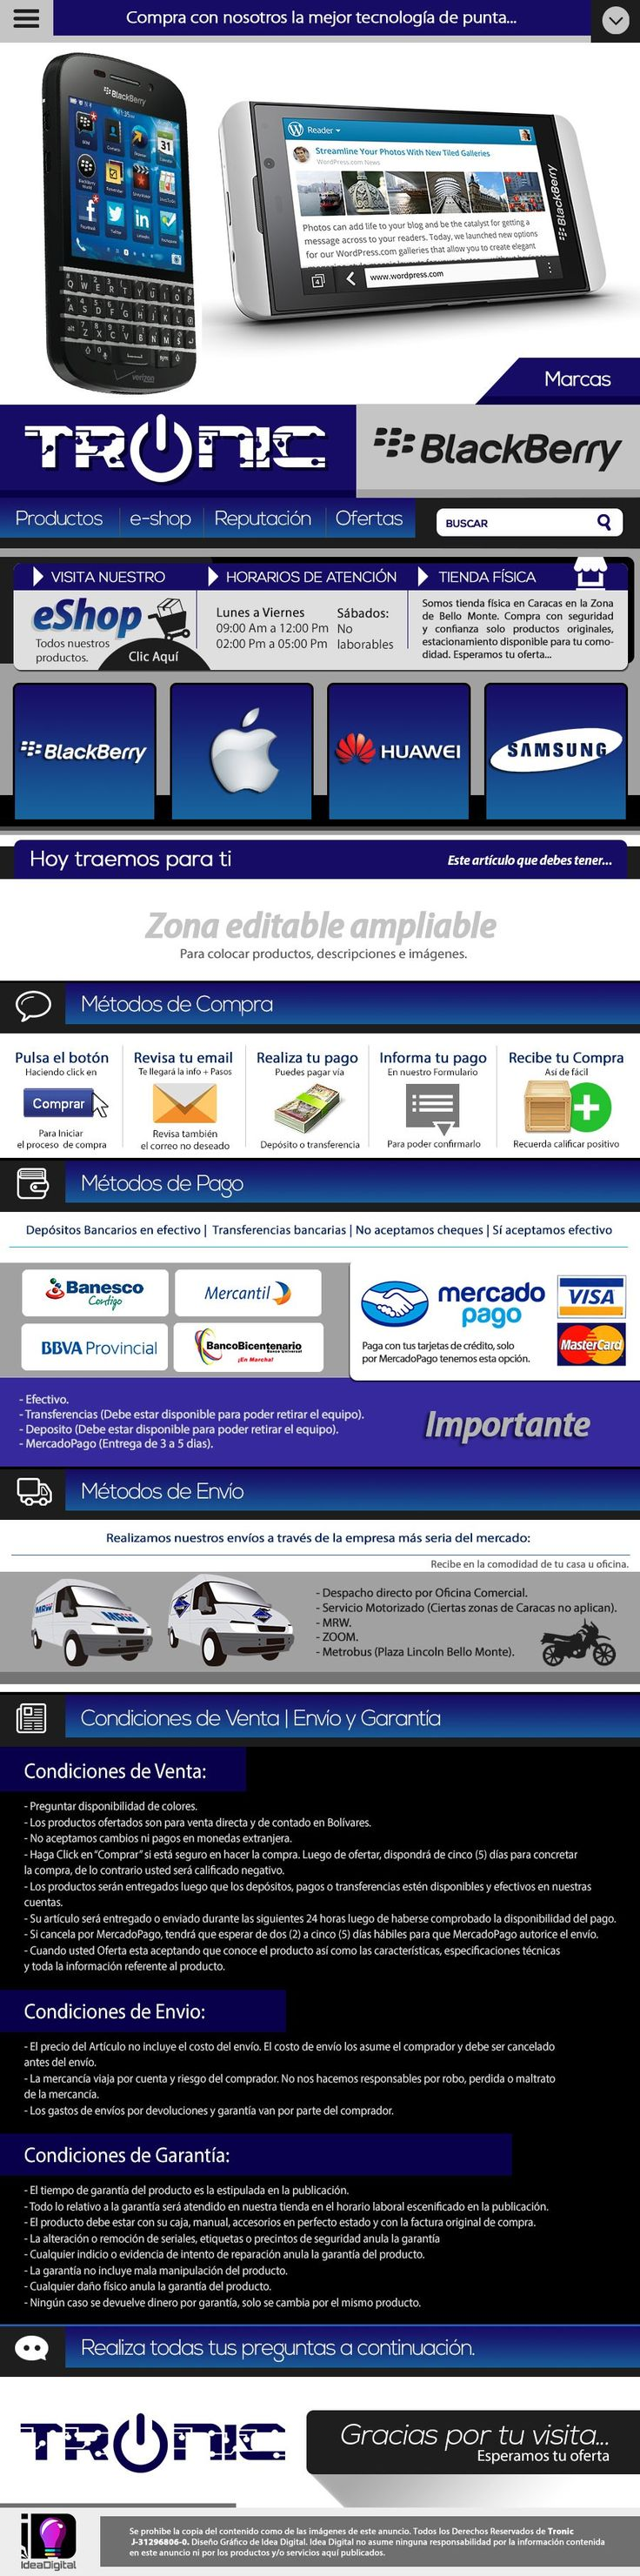 Diseño Web en Venezuela Plantillas Mercadolibre SEO Posicionamiento | Plantilla Editable Mercadolibre Tronic 2014